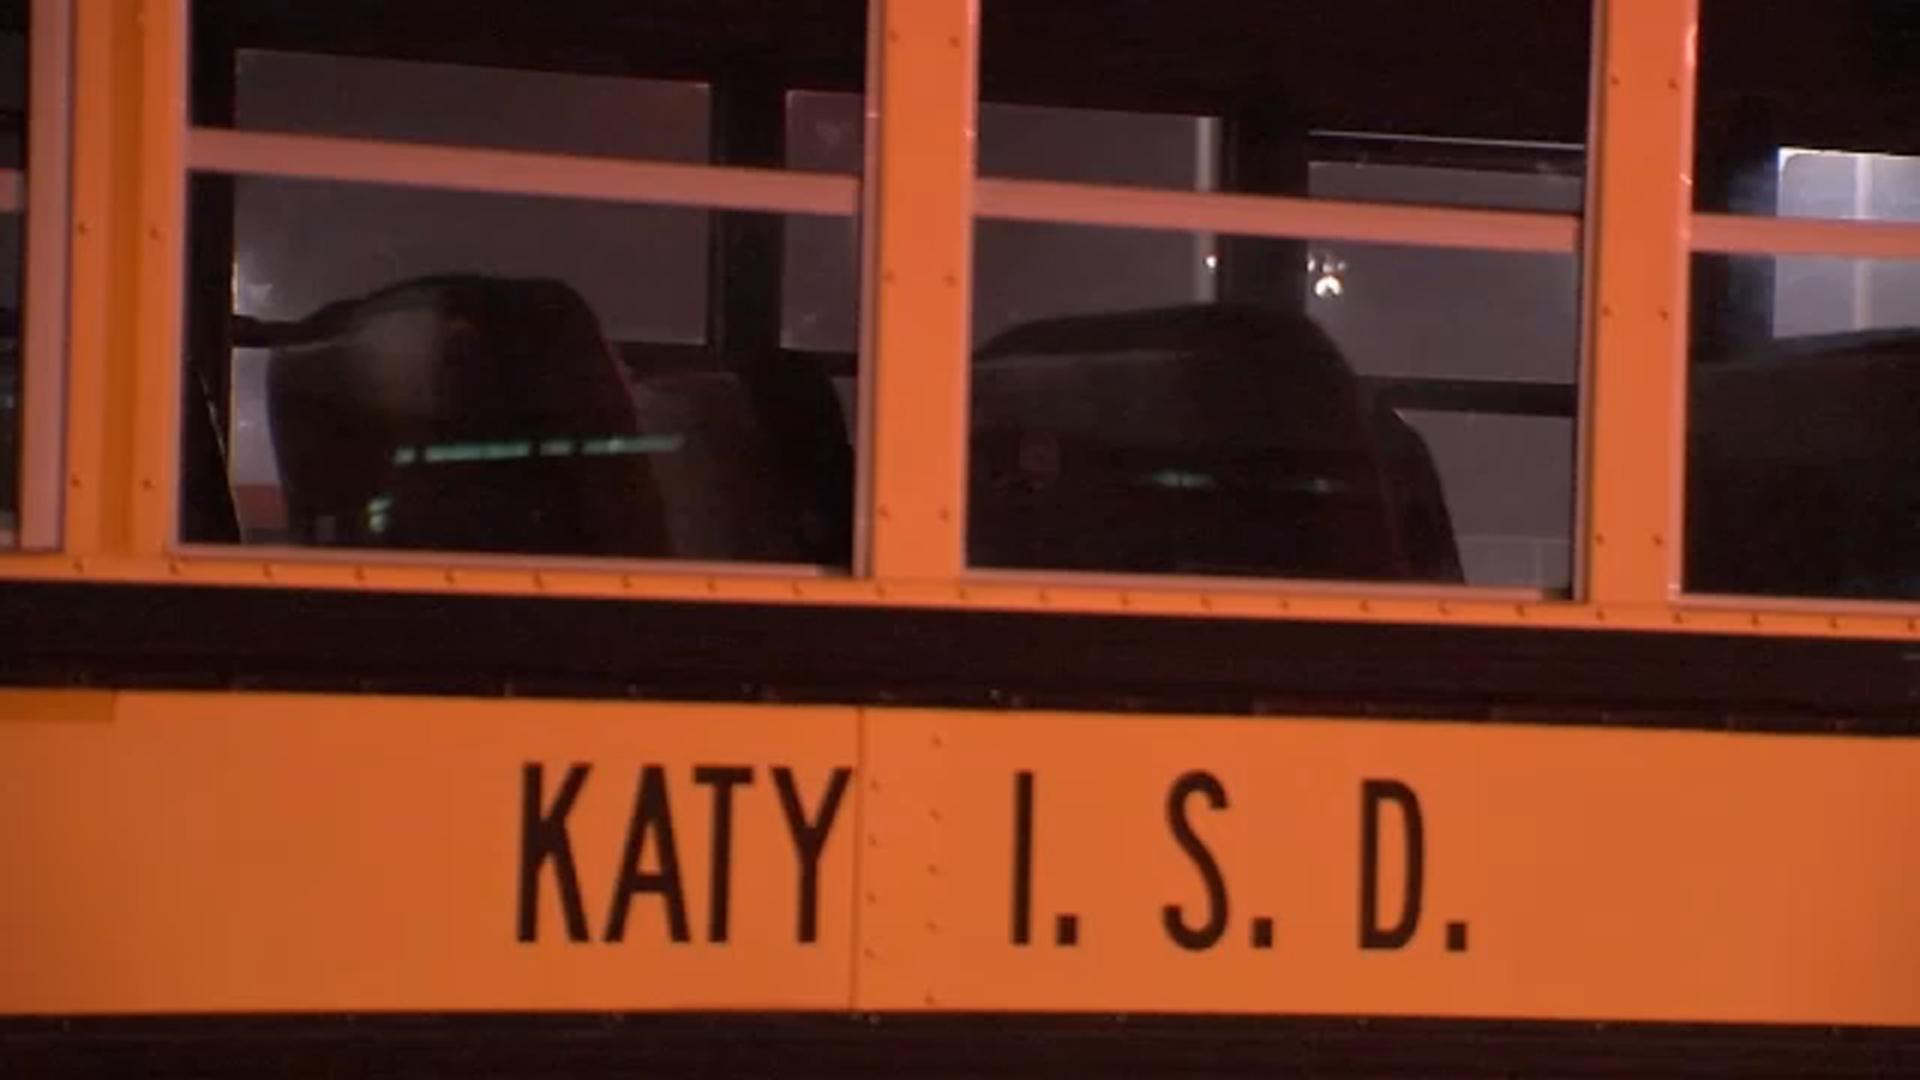 I bus sex Bus XNXX